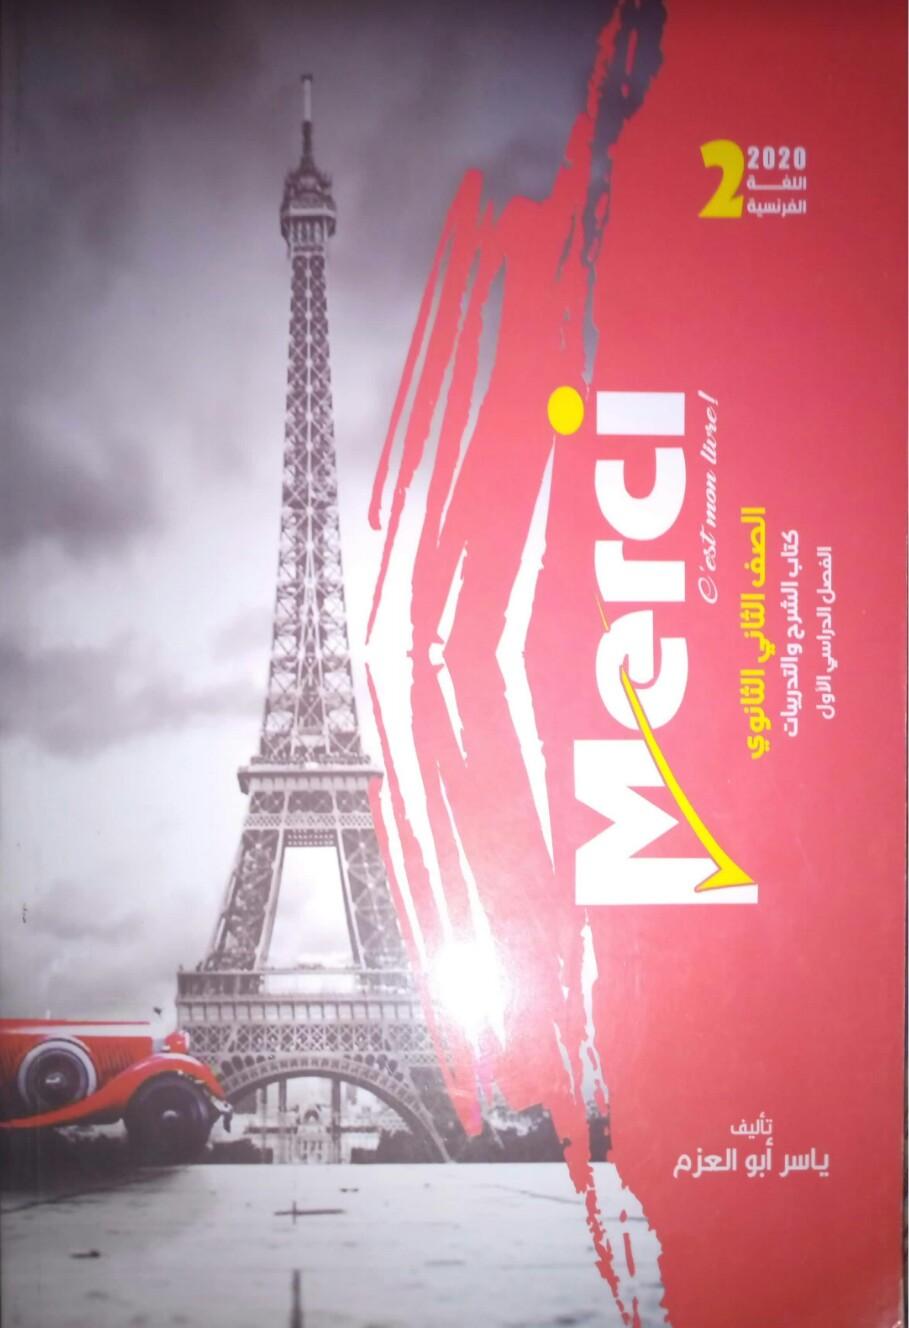 تحميل كتاب ميرسى merci  فى اللغة الفرنسية pdf للصف الثانى الثانوى الترم الأول 2020